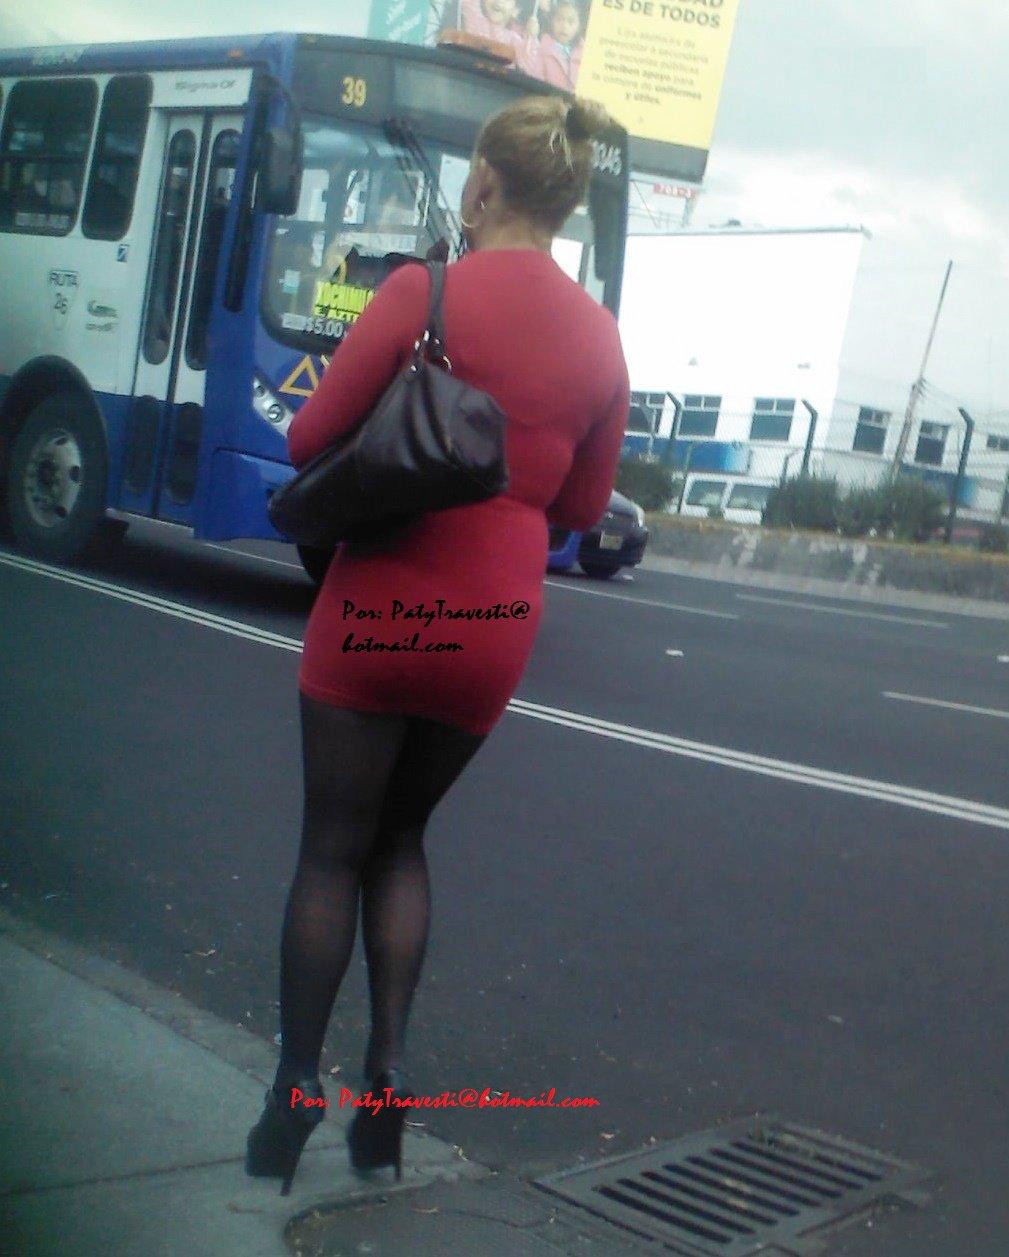 prostitutas pics prostitutas esperando